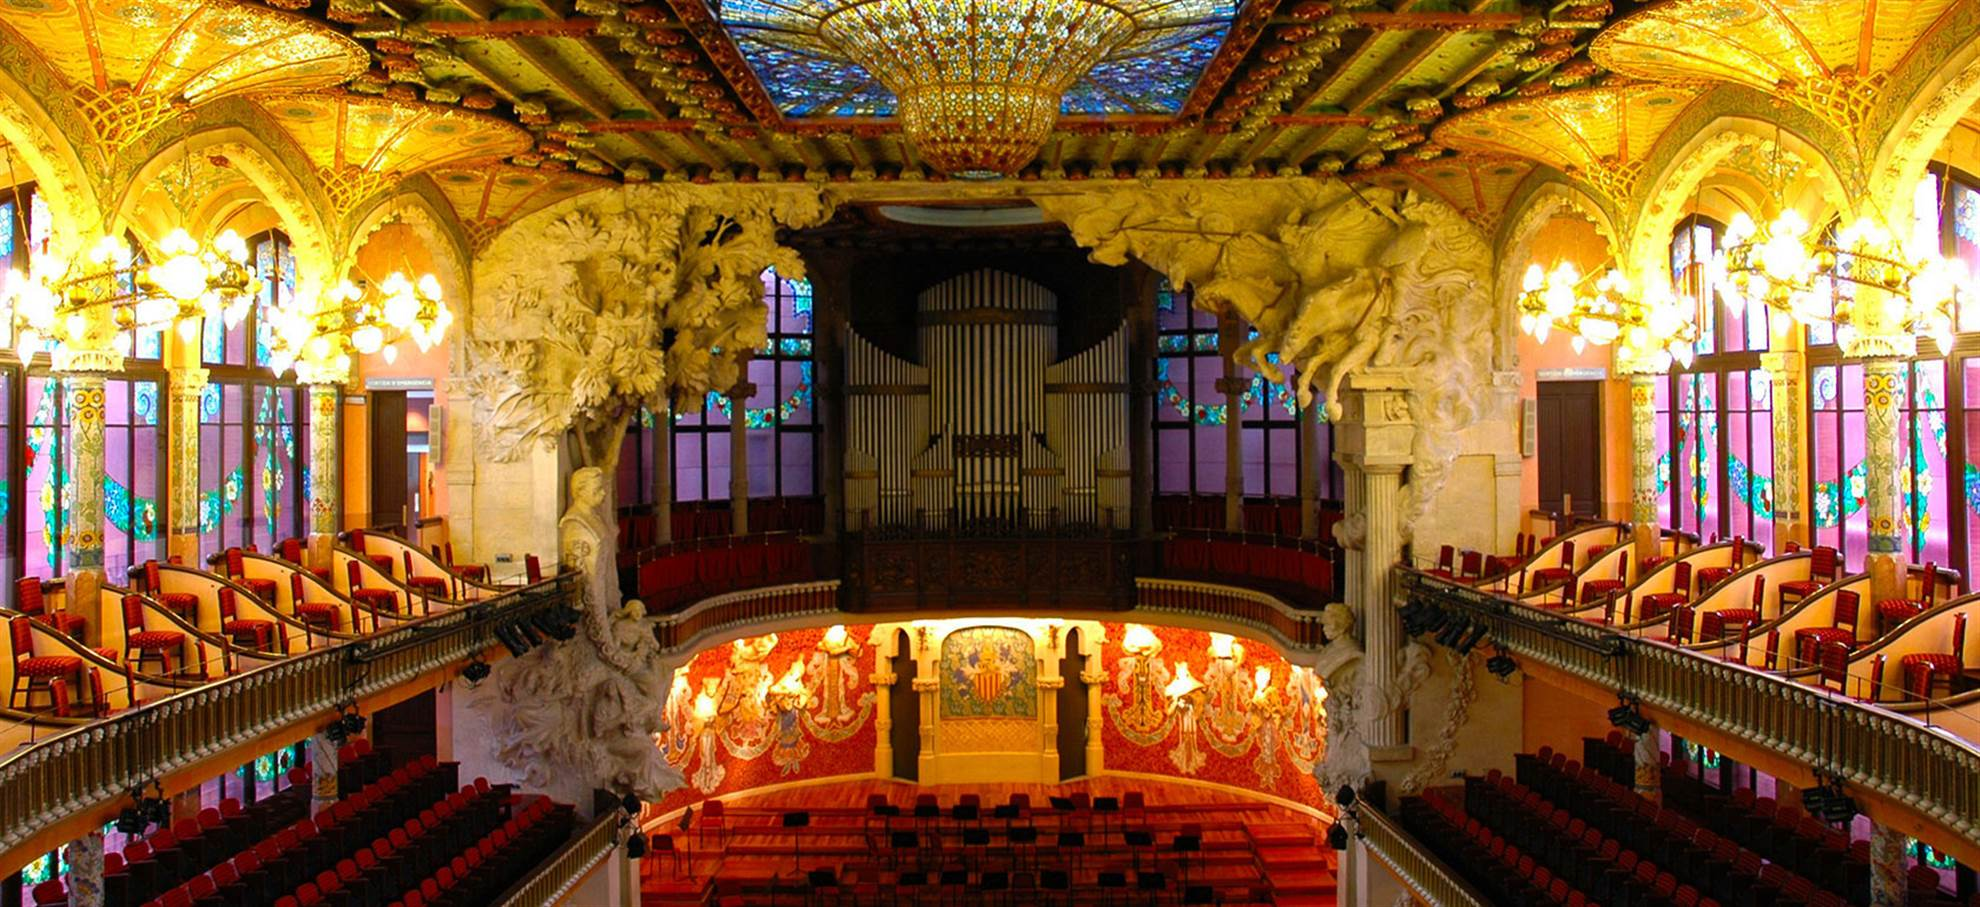 Palau de la Música Catalana Tickets